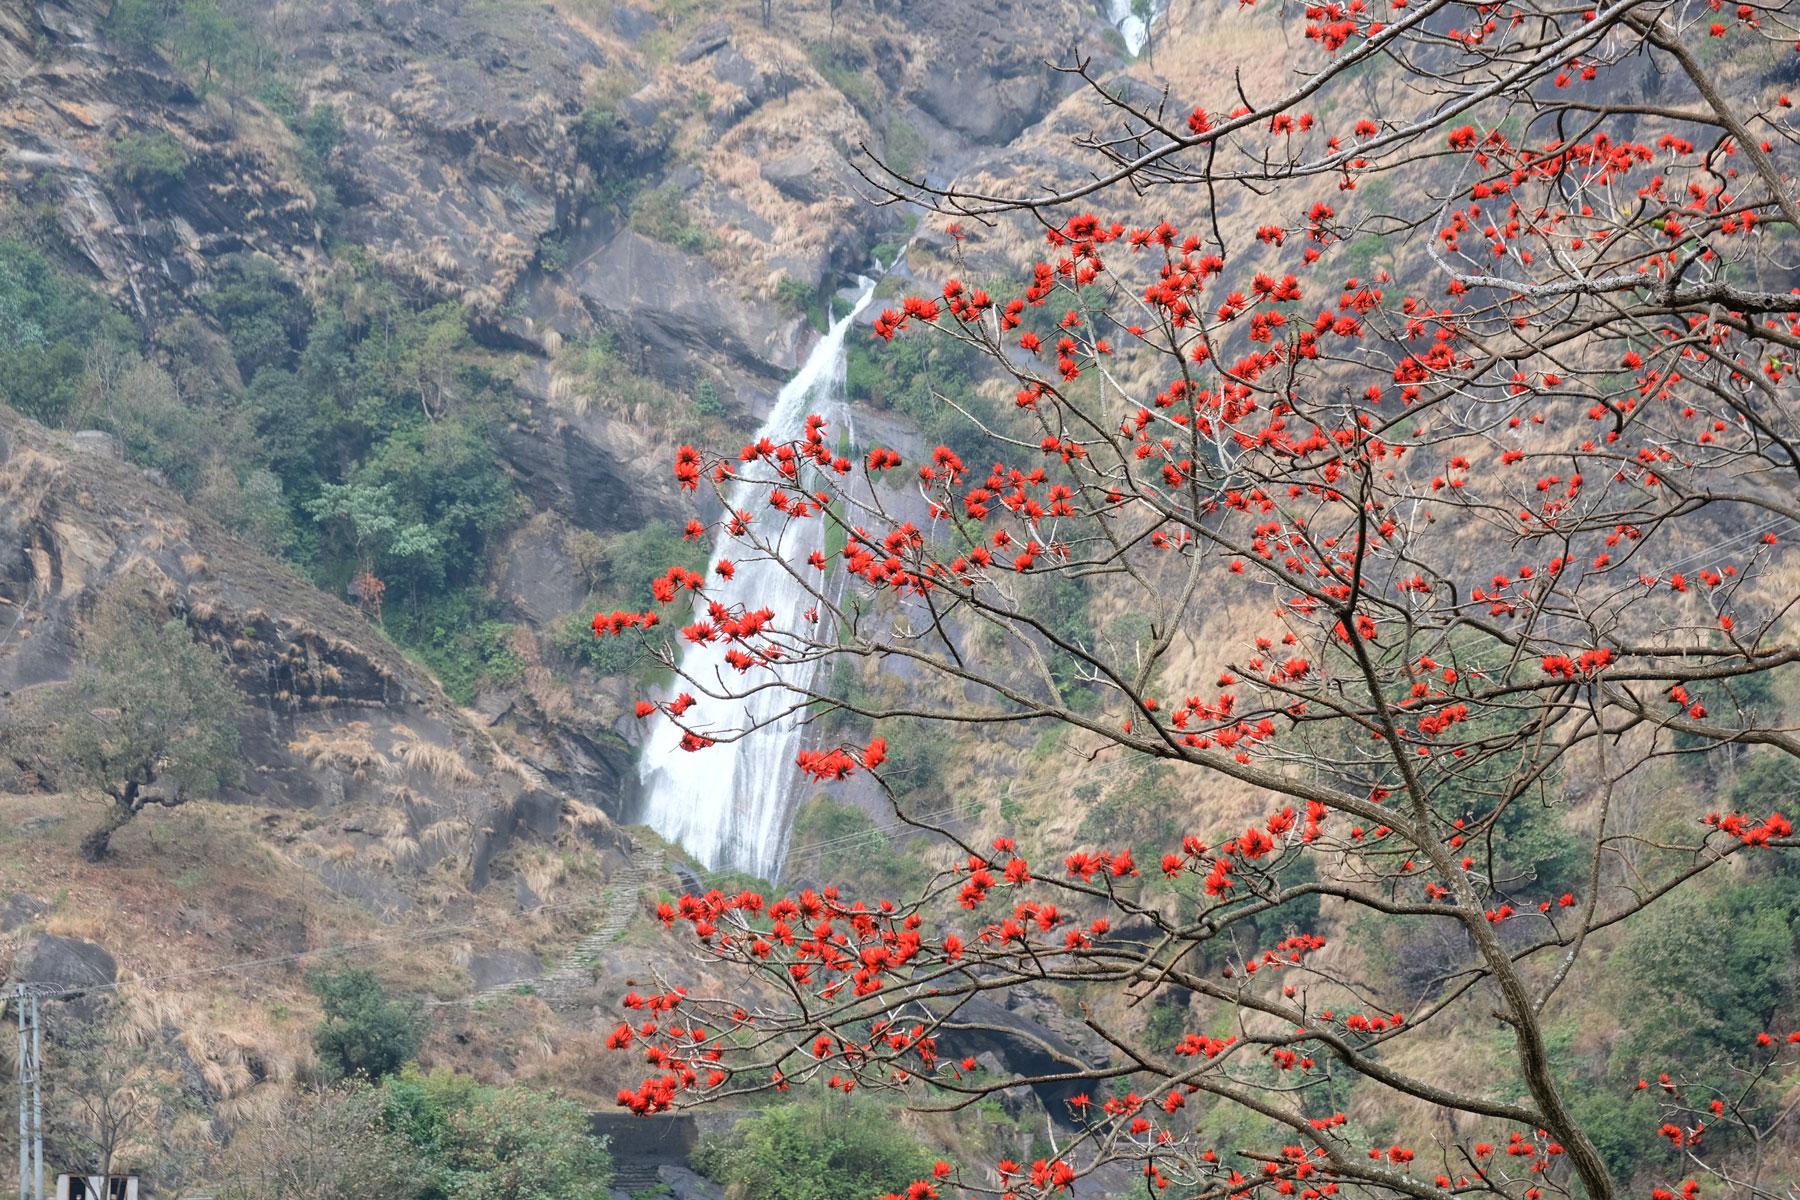 Ein Baum mit roten Blüten vor einem Wasserfall.